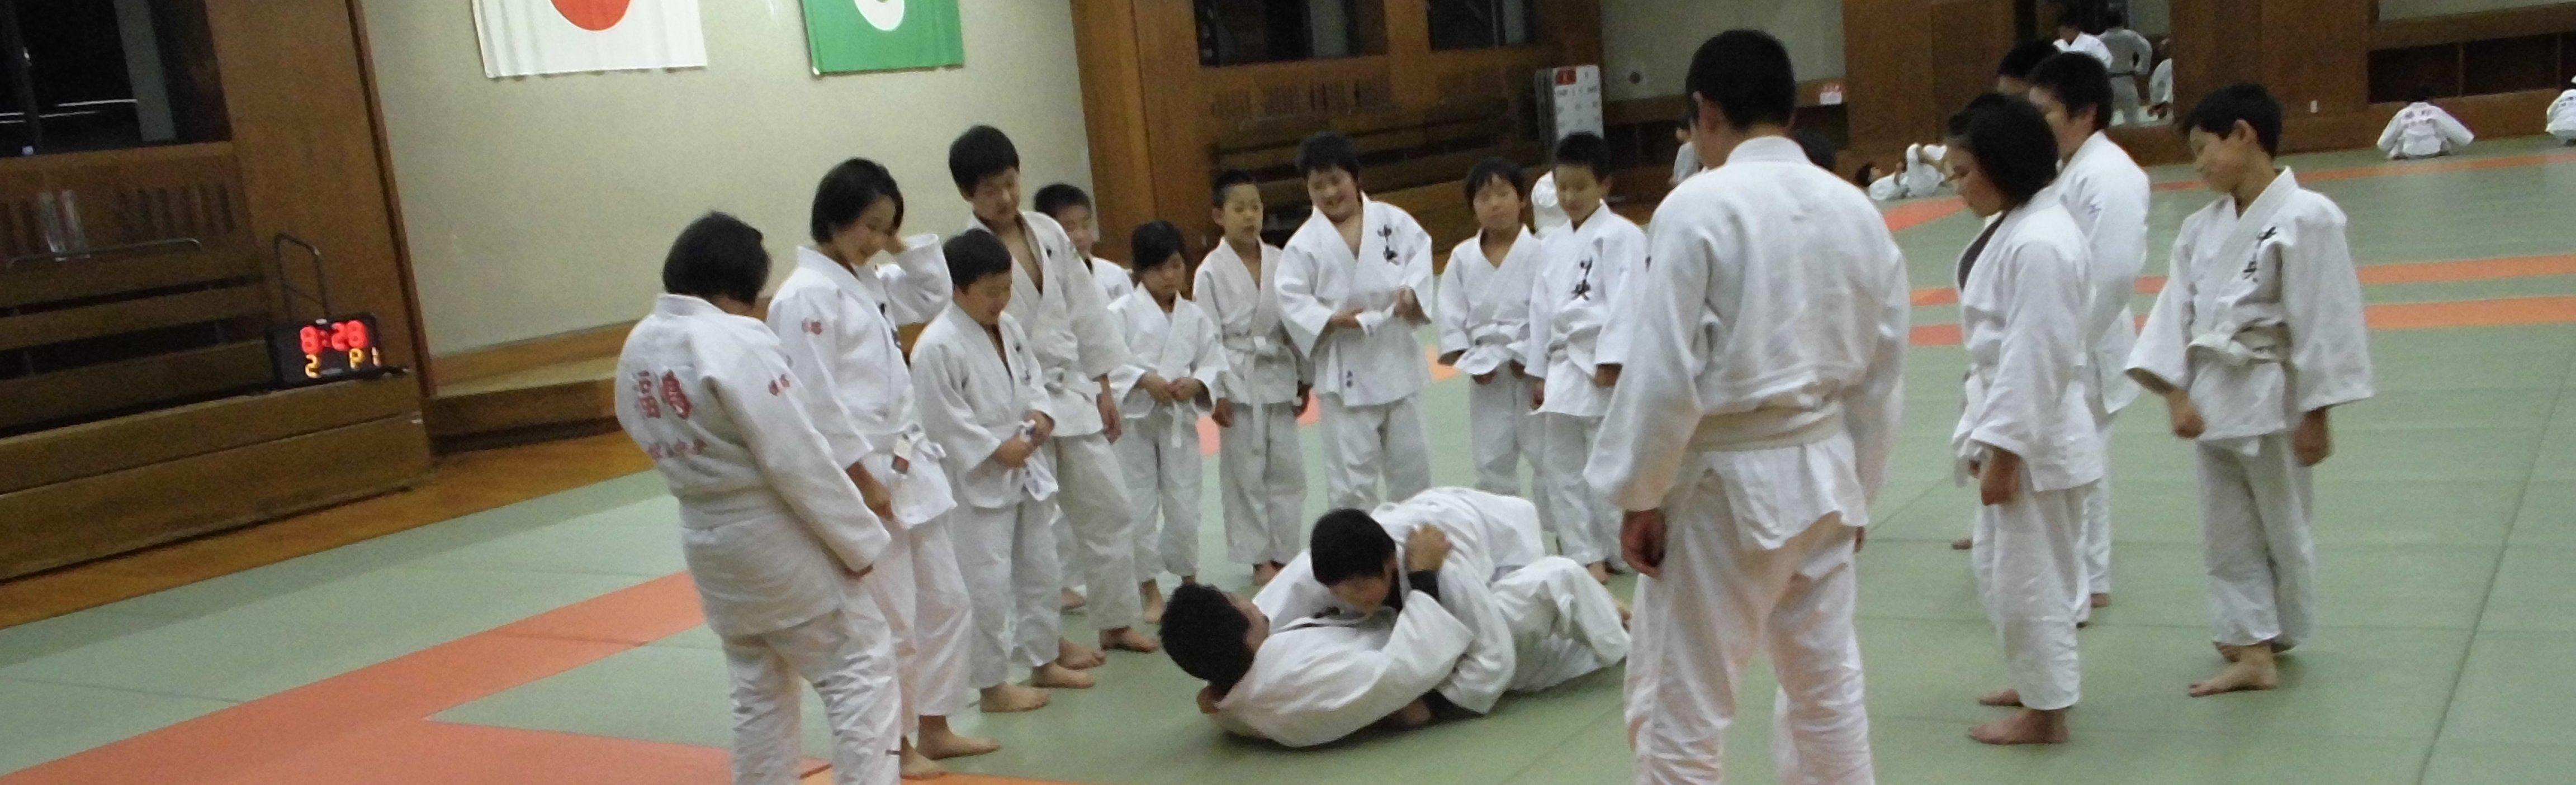 柔道教室イメージ画像